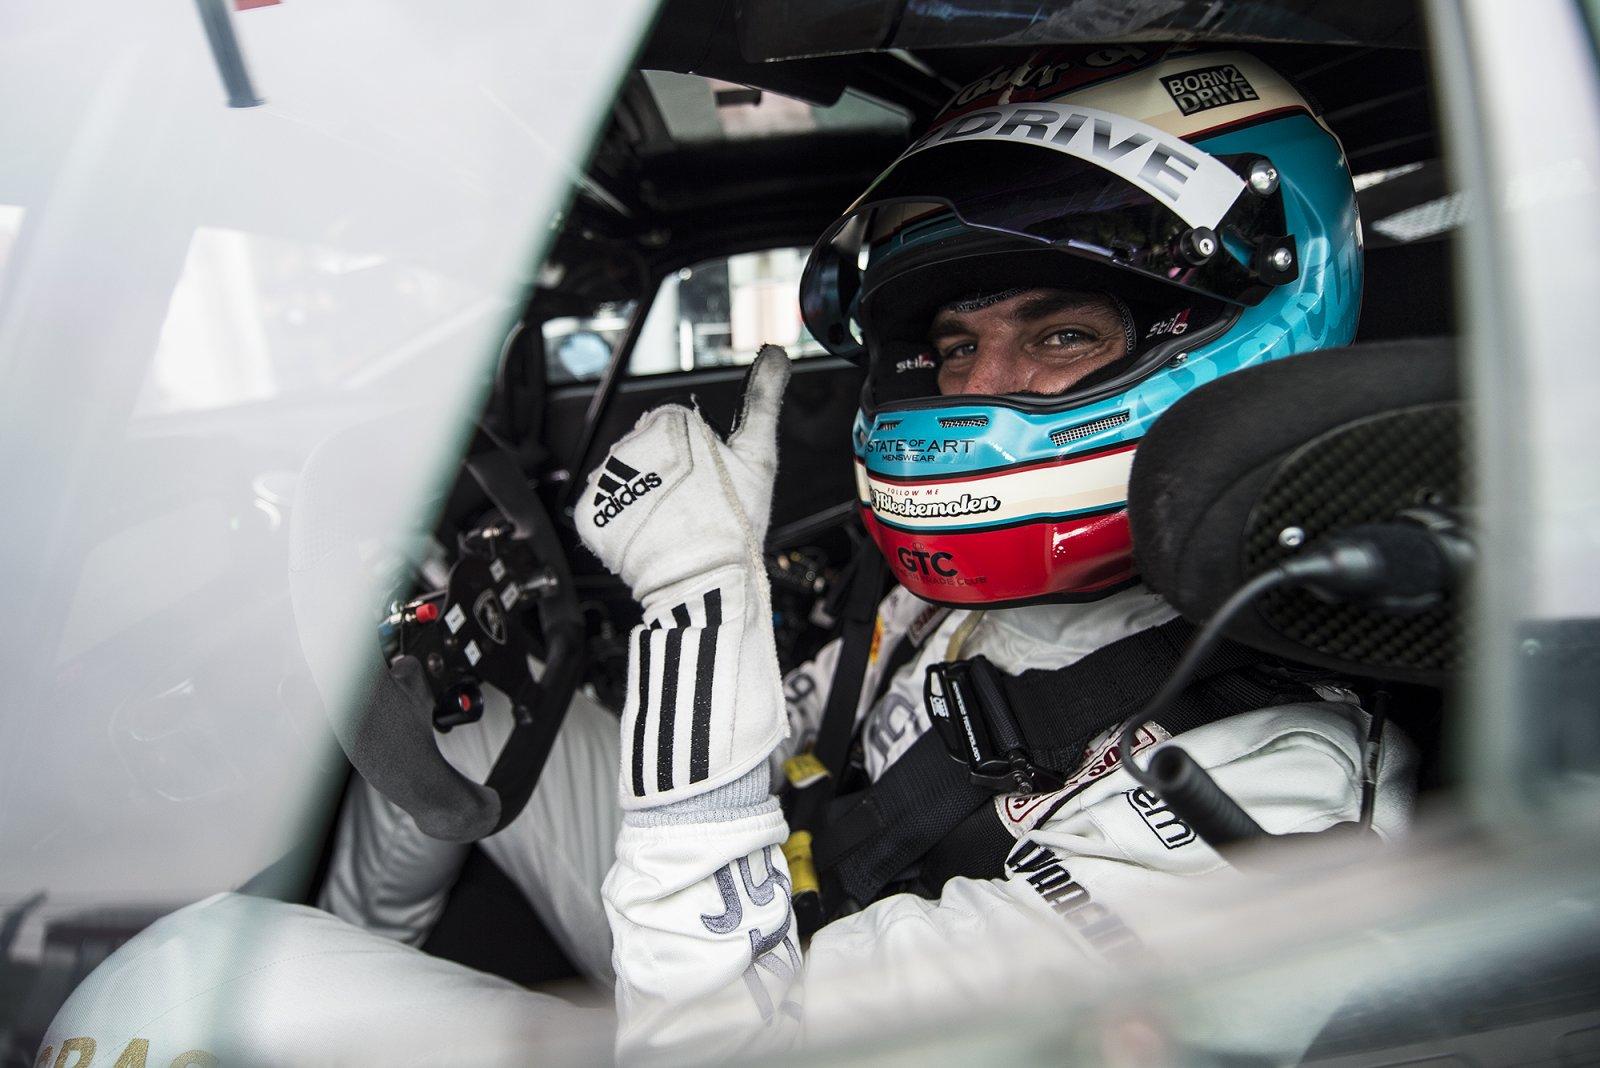 Jeroen Bleekemolen on pole for Qualifying Race